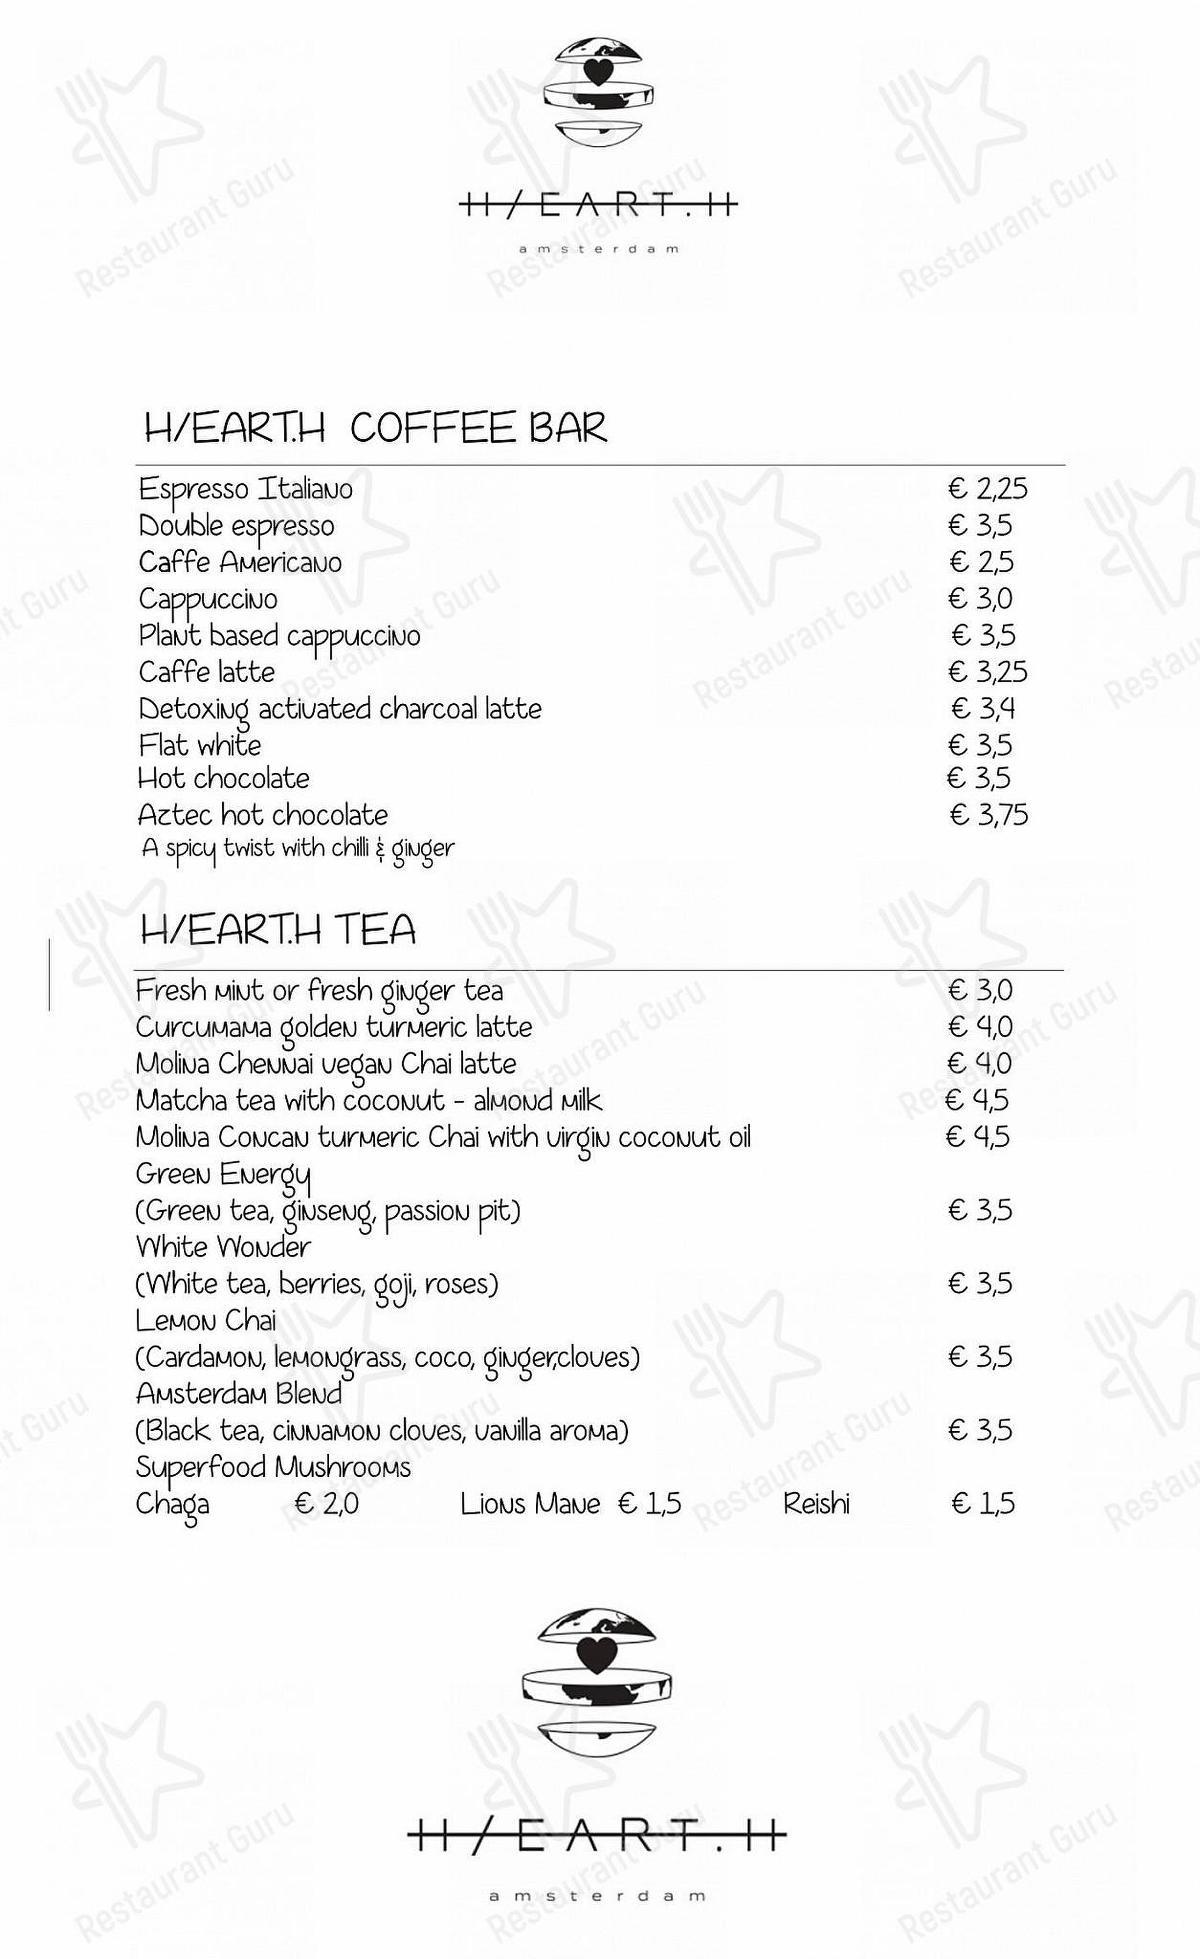 Carta de Hearth - platos y bebidas